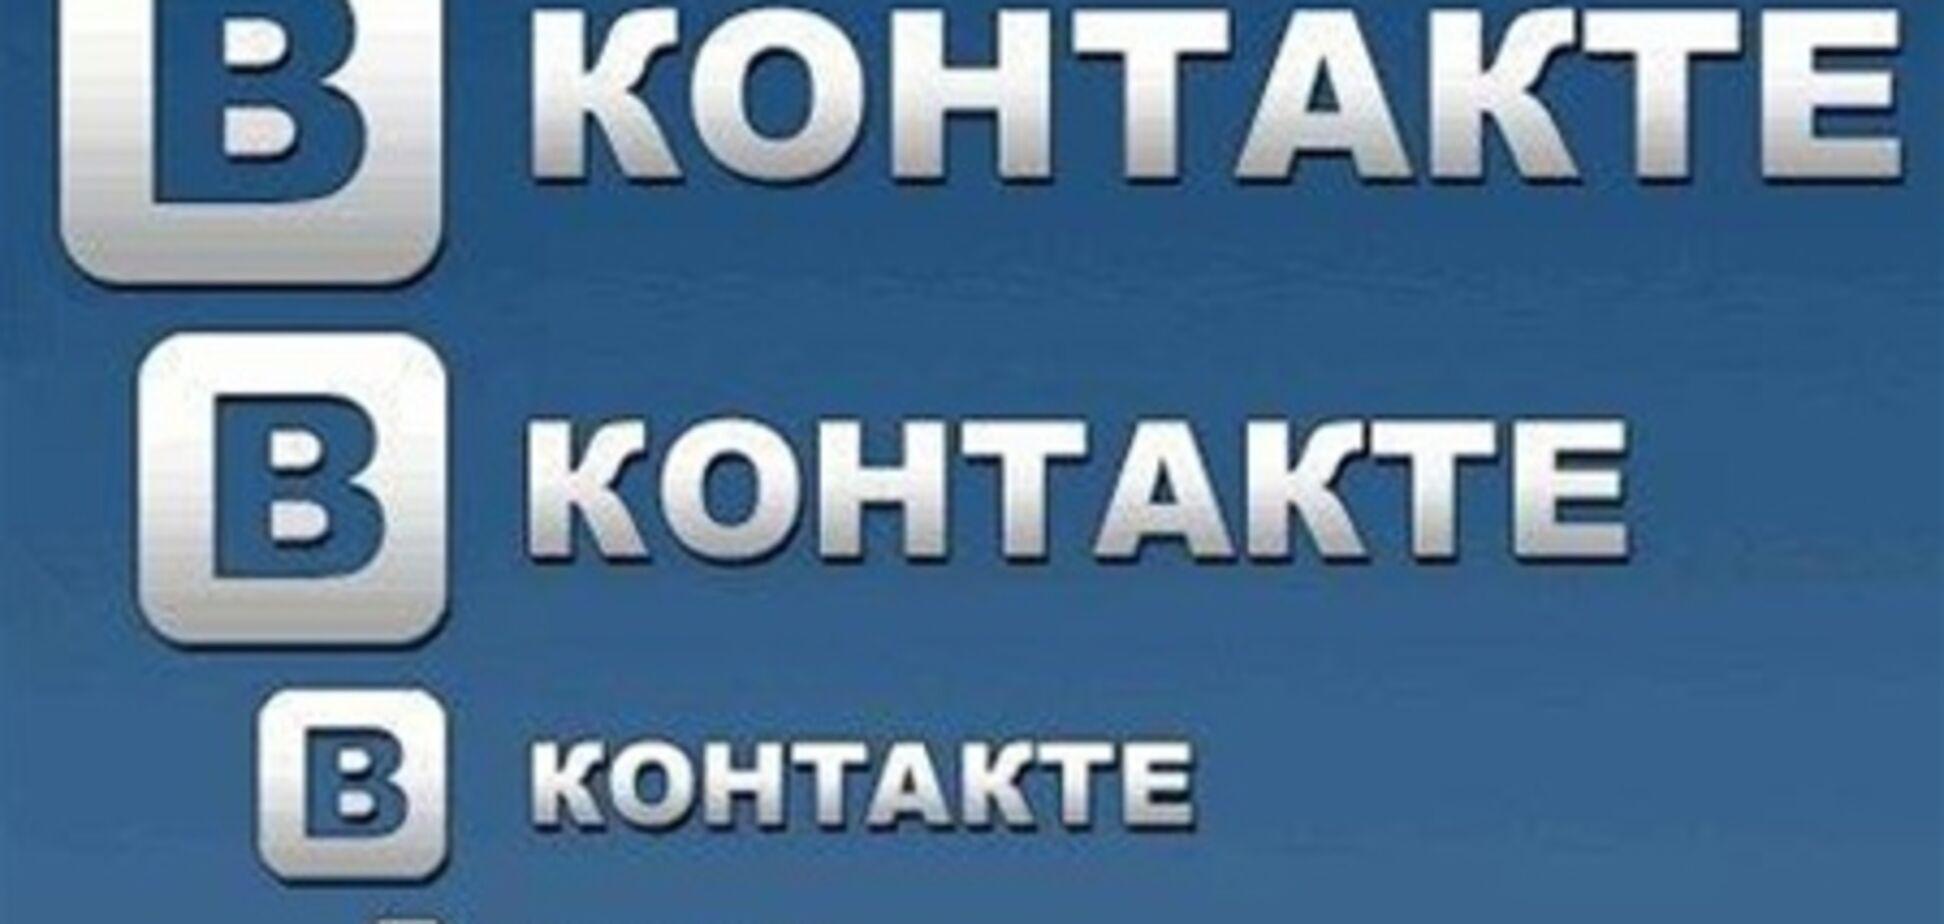 Функционал Вконтакте обогатился чатом